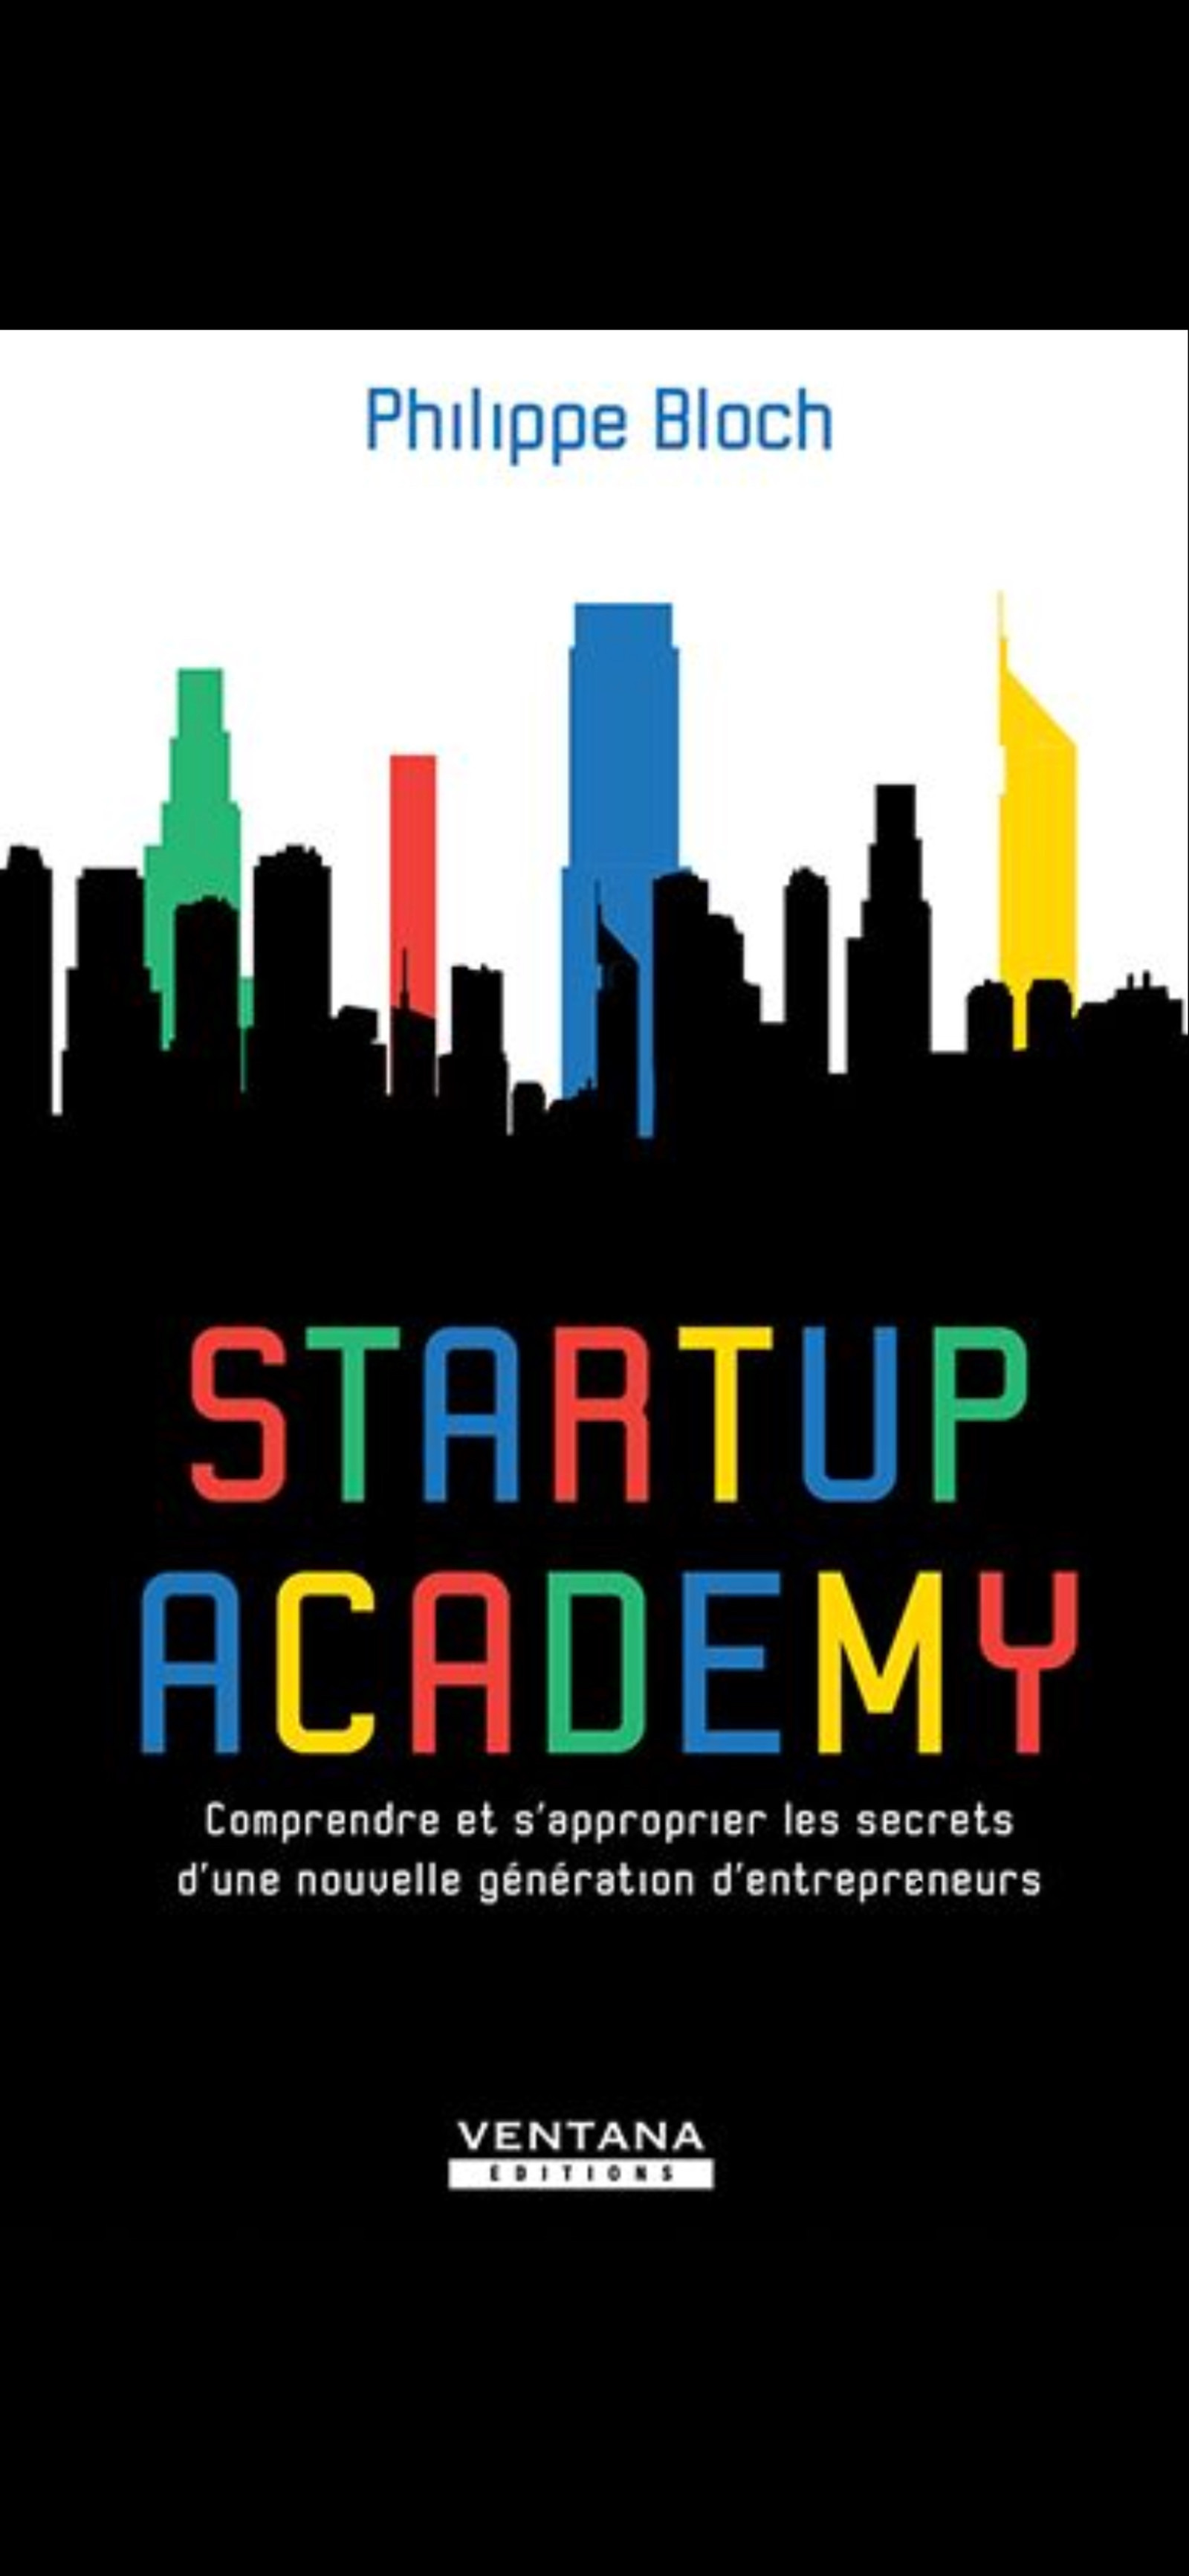 Startup academy ; comprendre et s'approprier les secrets d'une nouvelle génération d'entrepreneurs